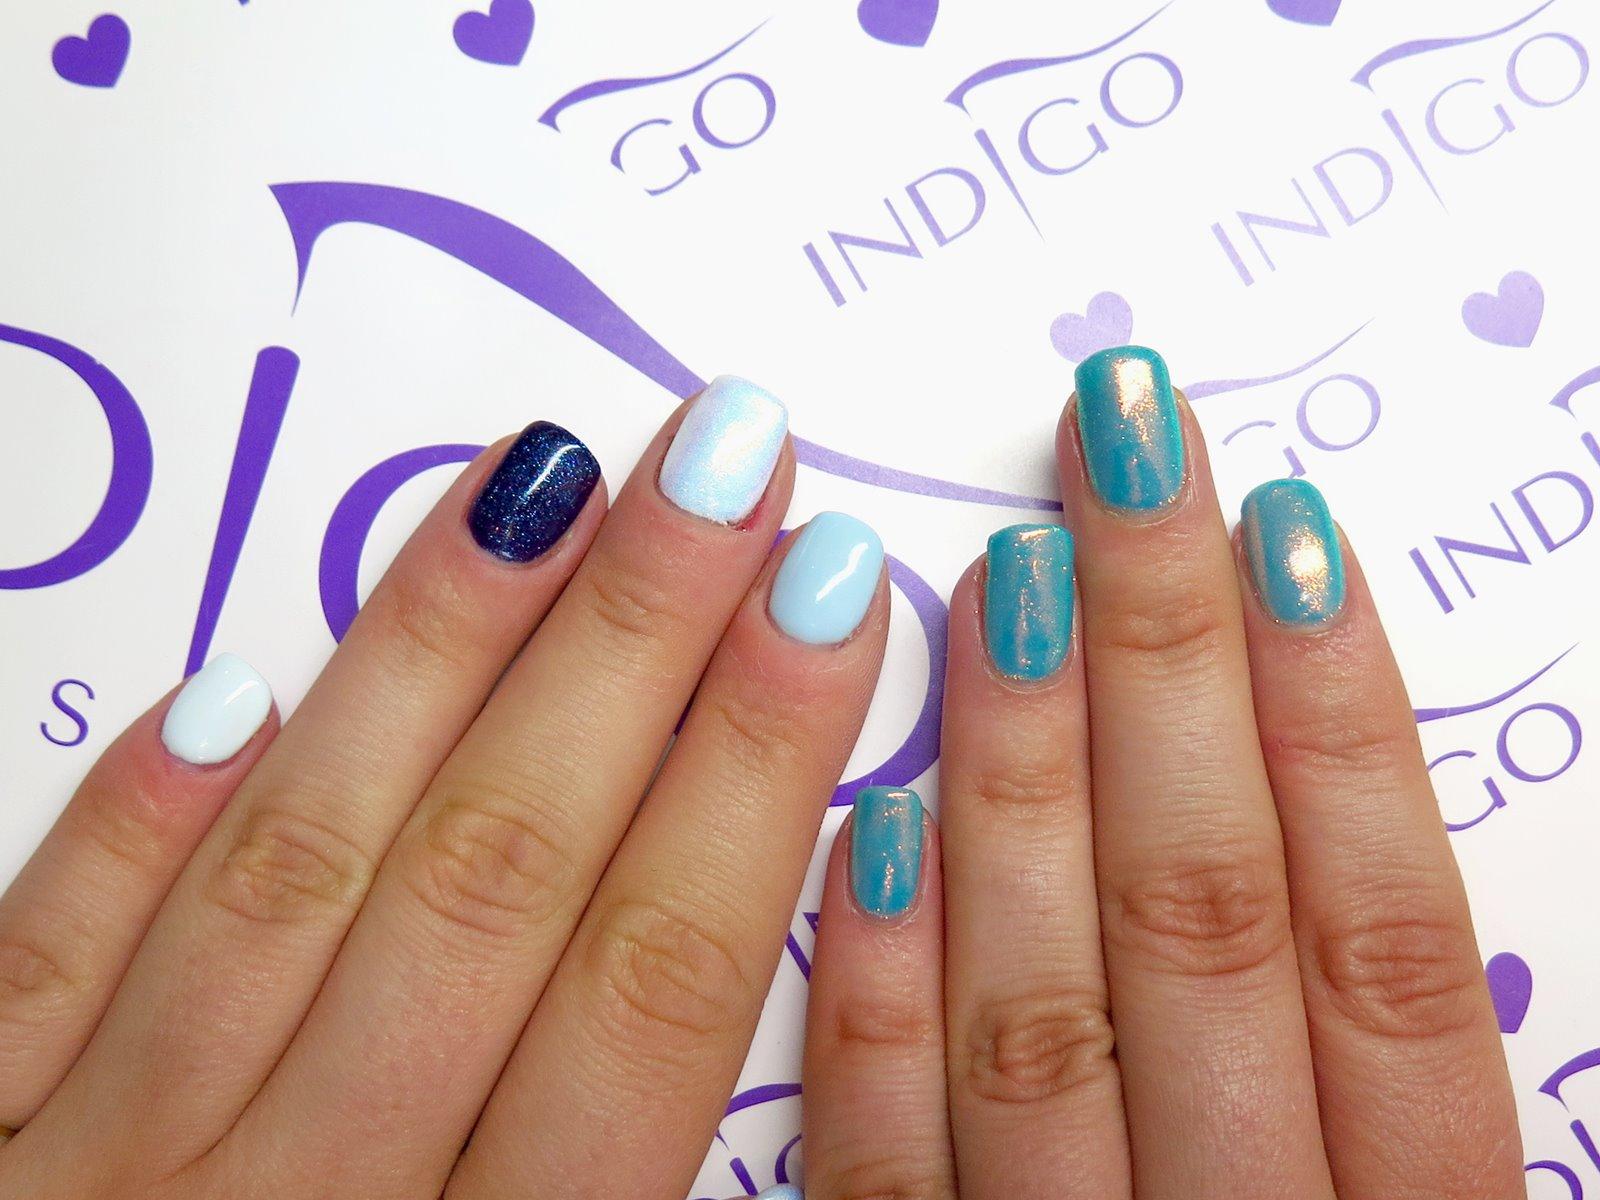 blogerki lakieromaniaczki indigo paznokcie hybrydowe